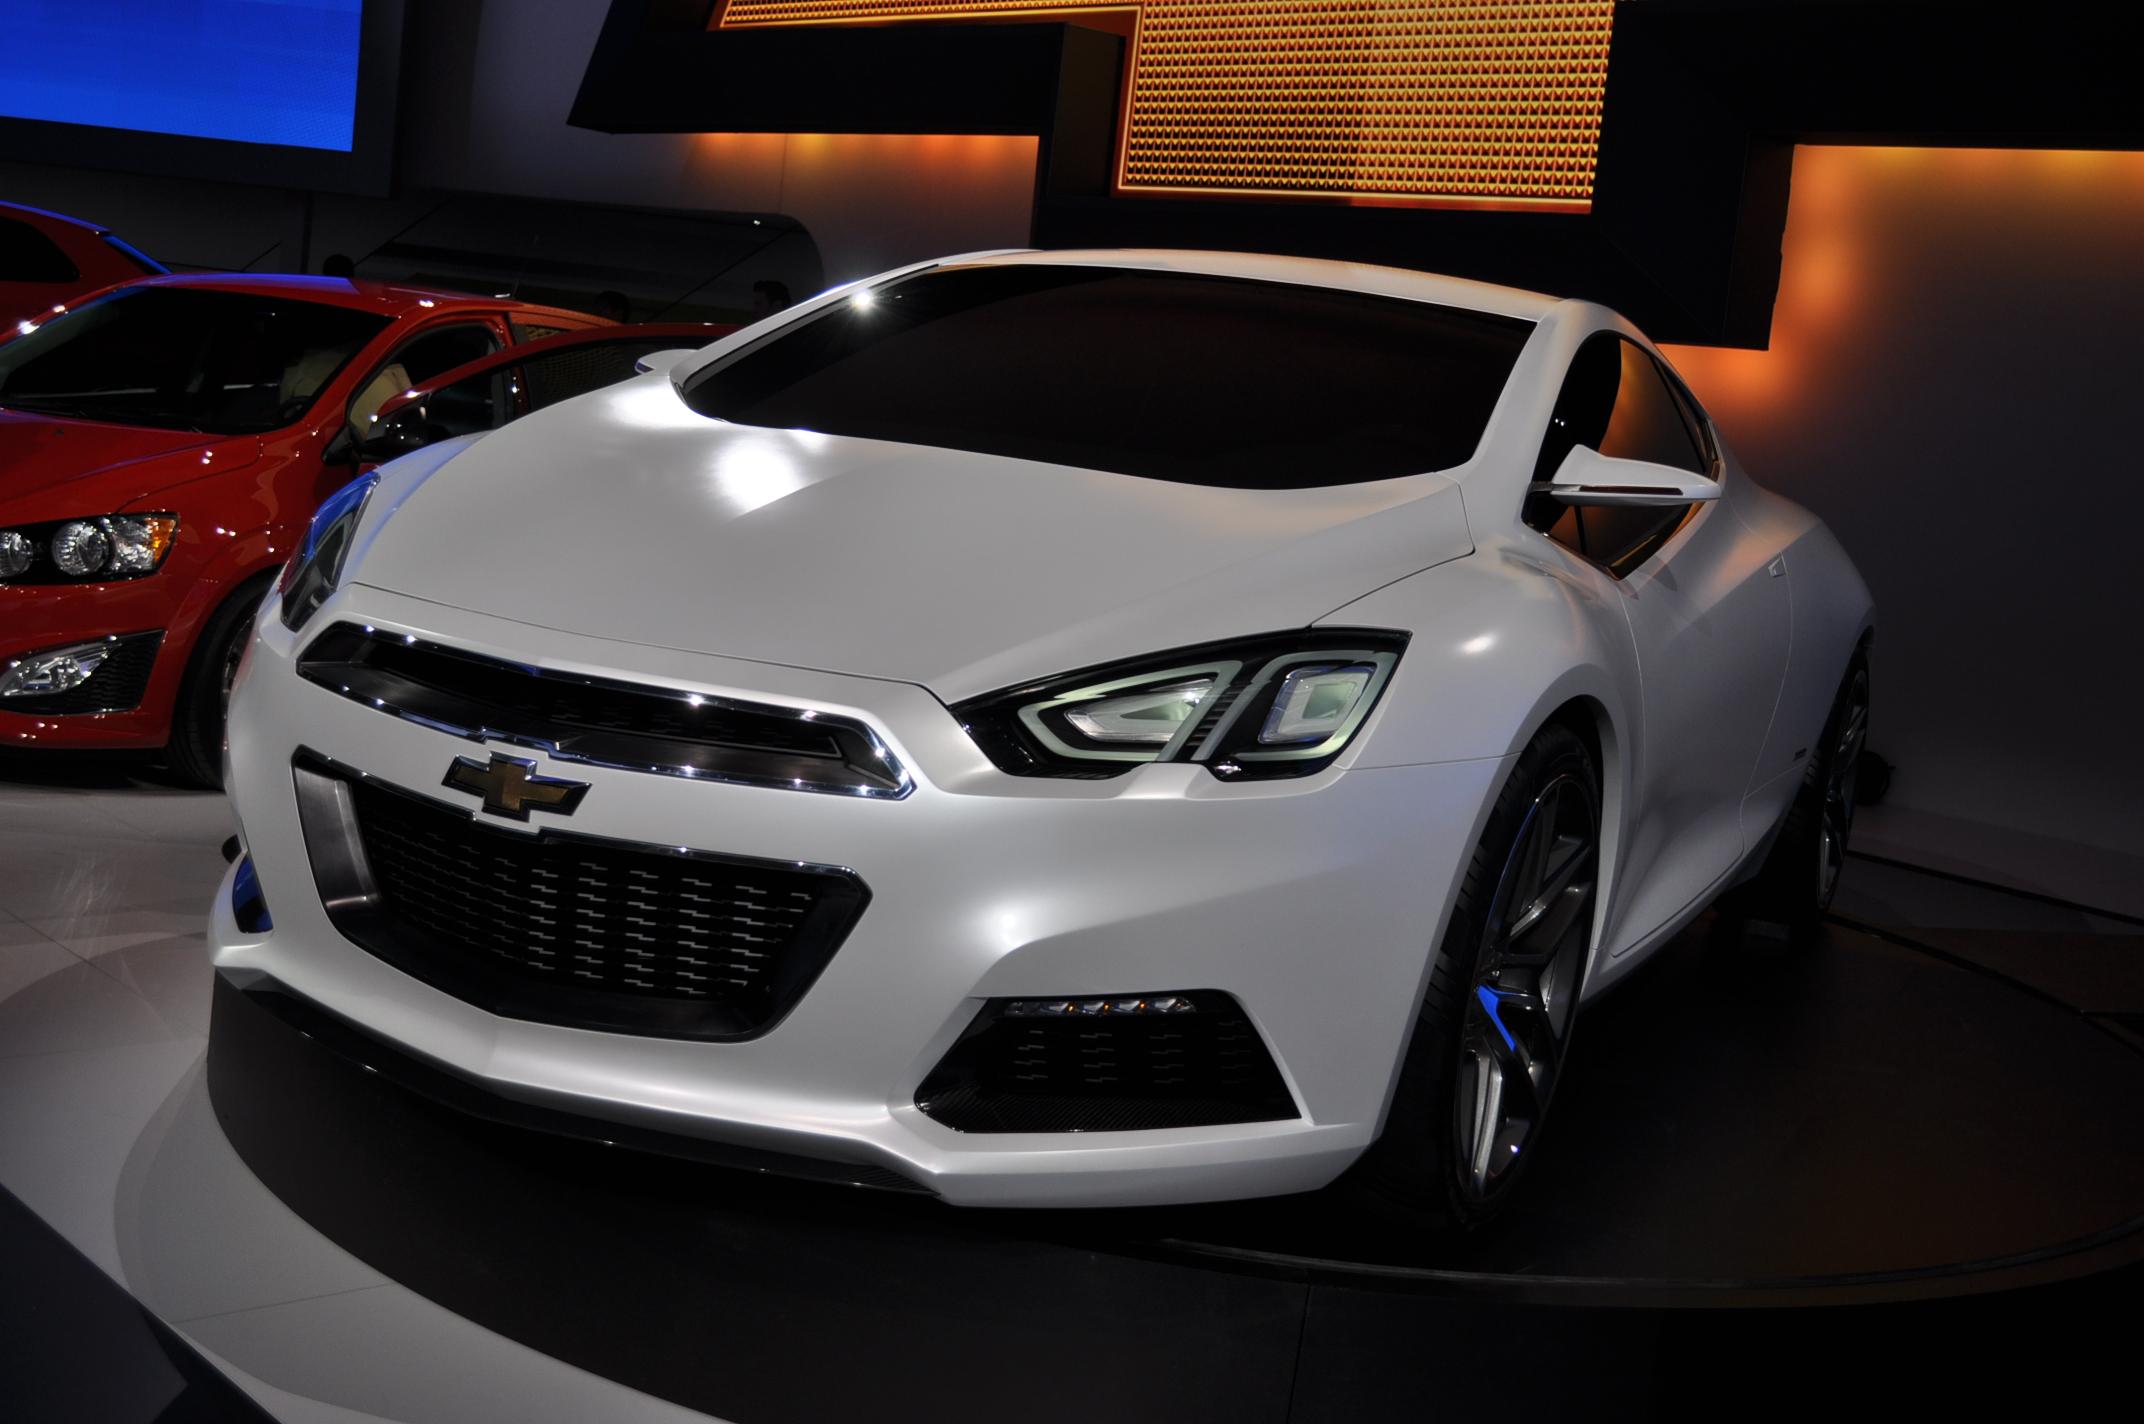 Chevrolet Tru 140S Concept Live Photos: 2012 Detroit Auto Show